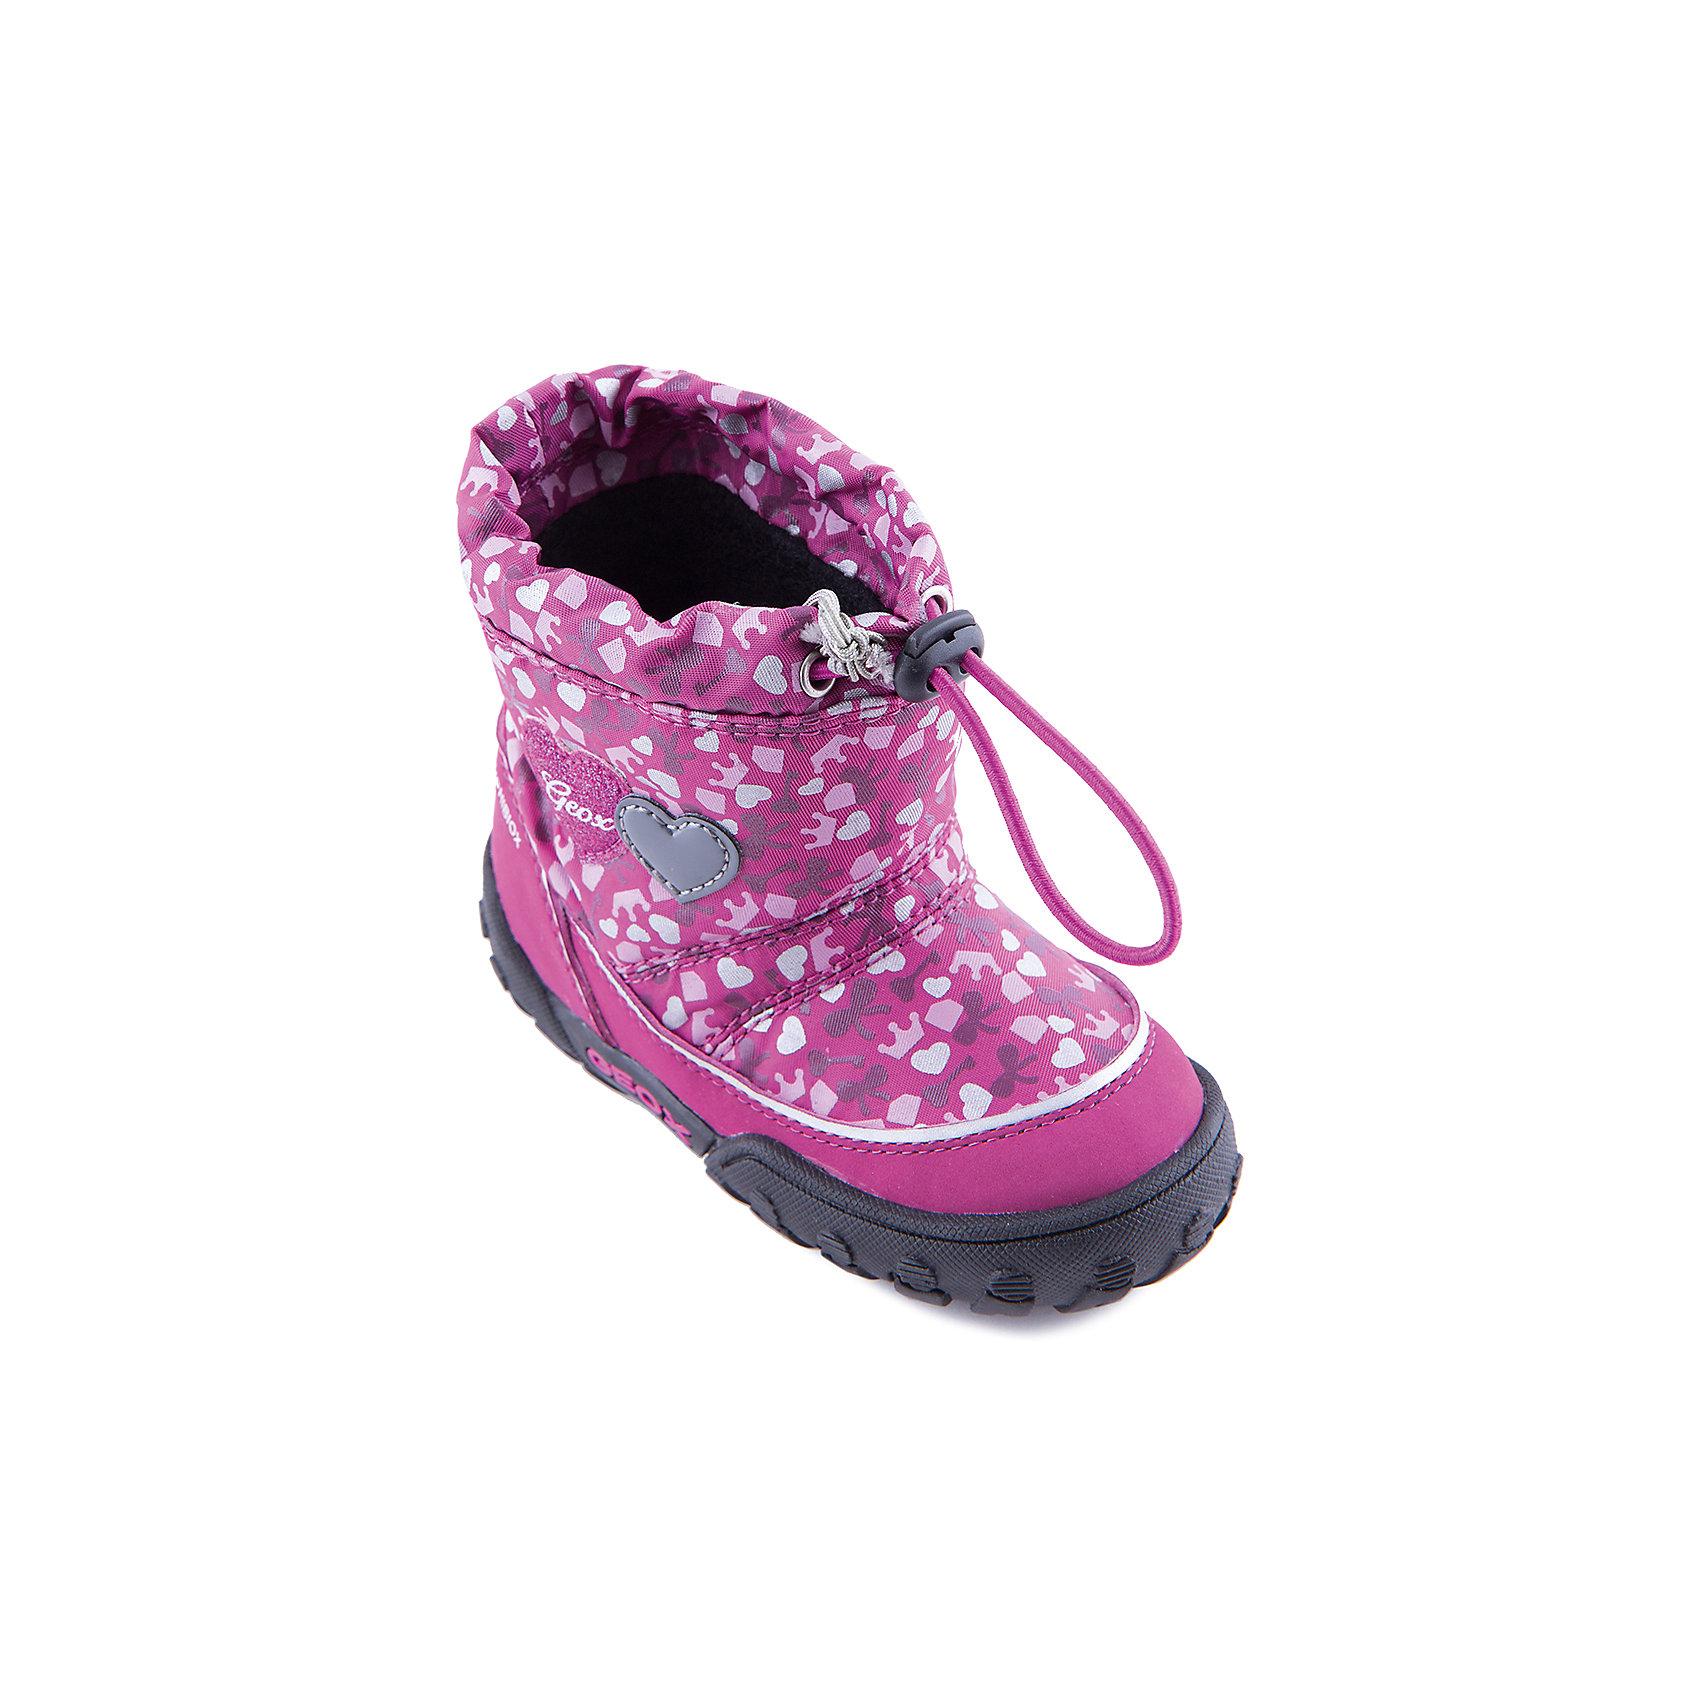 Полусапожки для девочки GEOXПолусапожки для девочки от популярной марки GEOX.<br><br>Симпатичные полусапожки сделаны по уникальной технологии. <br>Производитель обуви GEOX разработал специальную дышащую подошву, которая не пропускает влагу внутрь, а также высокотехнологичную стельку. При производстве этих полусапожек была задействована технология Amphibiox, делающая обувь непромокаемой. <br><br>Отличительные особенности модели:<br><br>- цвет: розовый;<br>- украшены принтом: сердечки;<br>- гибкая водоотталкивающая подошва с дышащей мембраной;<br>- утепленная стелька;<br>- мягкий и легкий верх;<br>- защита пятки и пальцев;<br>- эргономичная форма;<br>- удобная утяжка на голенище;<br>- комфортное облегание;<br>- ударопрочная антибактериальная стелька;<br>- защита от промокания - технология Amphibiox;<br>- верх обуви и подкладка сделаны без использования хрома.<br><br>Дополнительная информация:<br><br>- Температурный режим: от - 20° С  до -5° С.<br><br>- Состав:<br><br>материал верха: синтетический материал, текстиль<br>материал подкладки: текстиль<br>подошва: полимер.<br><br>Полусапожки для девочки GEOX (Геокс) можно купить в нашем магазине.<br><br>Ширина мм: 257<br>Глубина мм: 180<br>Высота мм: 130<br>Вес г: 420<br>Цвет: розовый<br>Возраст от месяцев: 36<br>Возраст до месяцев: 48<br>Пол: Женский<br>Возраст: Детский<br>Размер: 27,23,26,24,22,25<br>SKU: 4178010